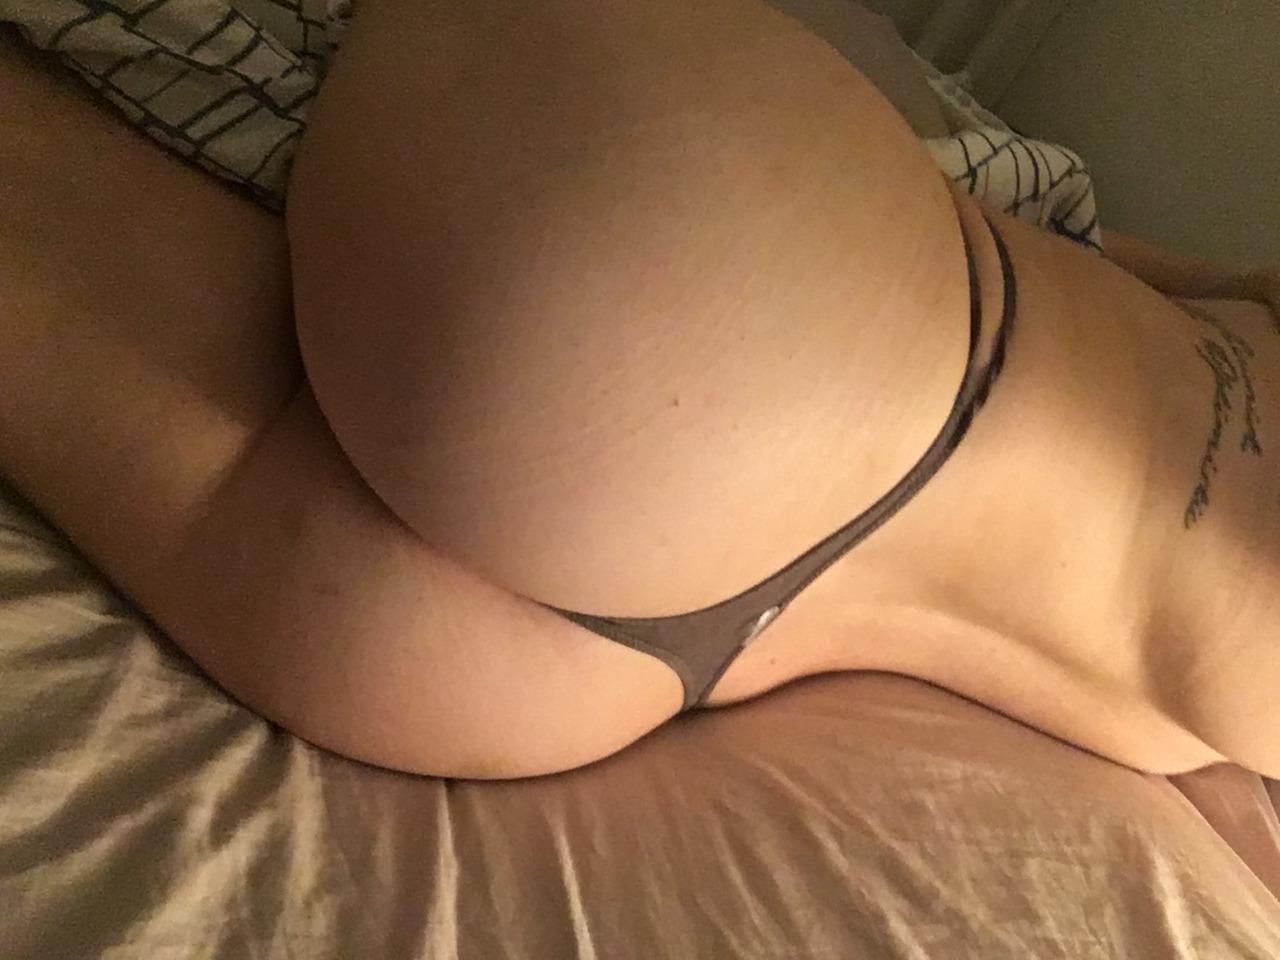 selfie erotique de femme sexy du 02 pour plan pipe